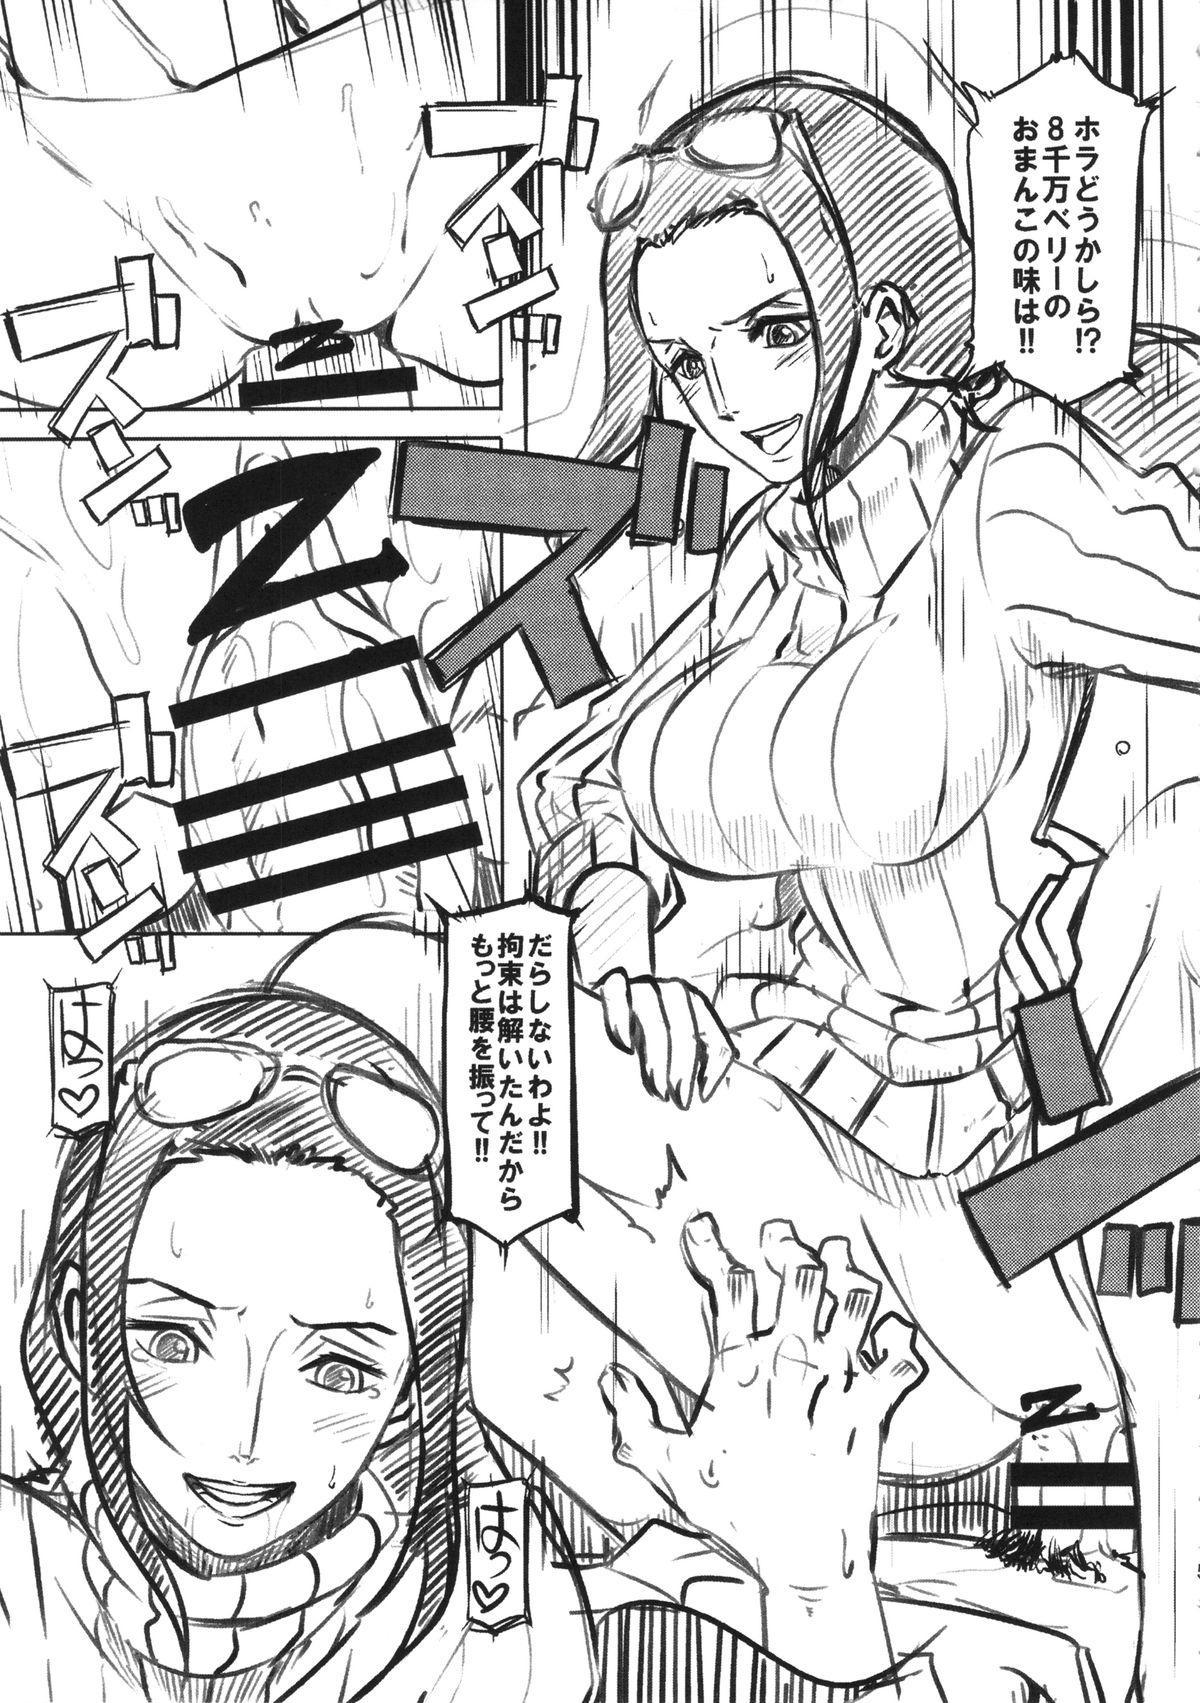 Omake Sasshi Sairoku Matomebon 53